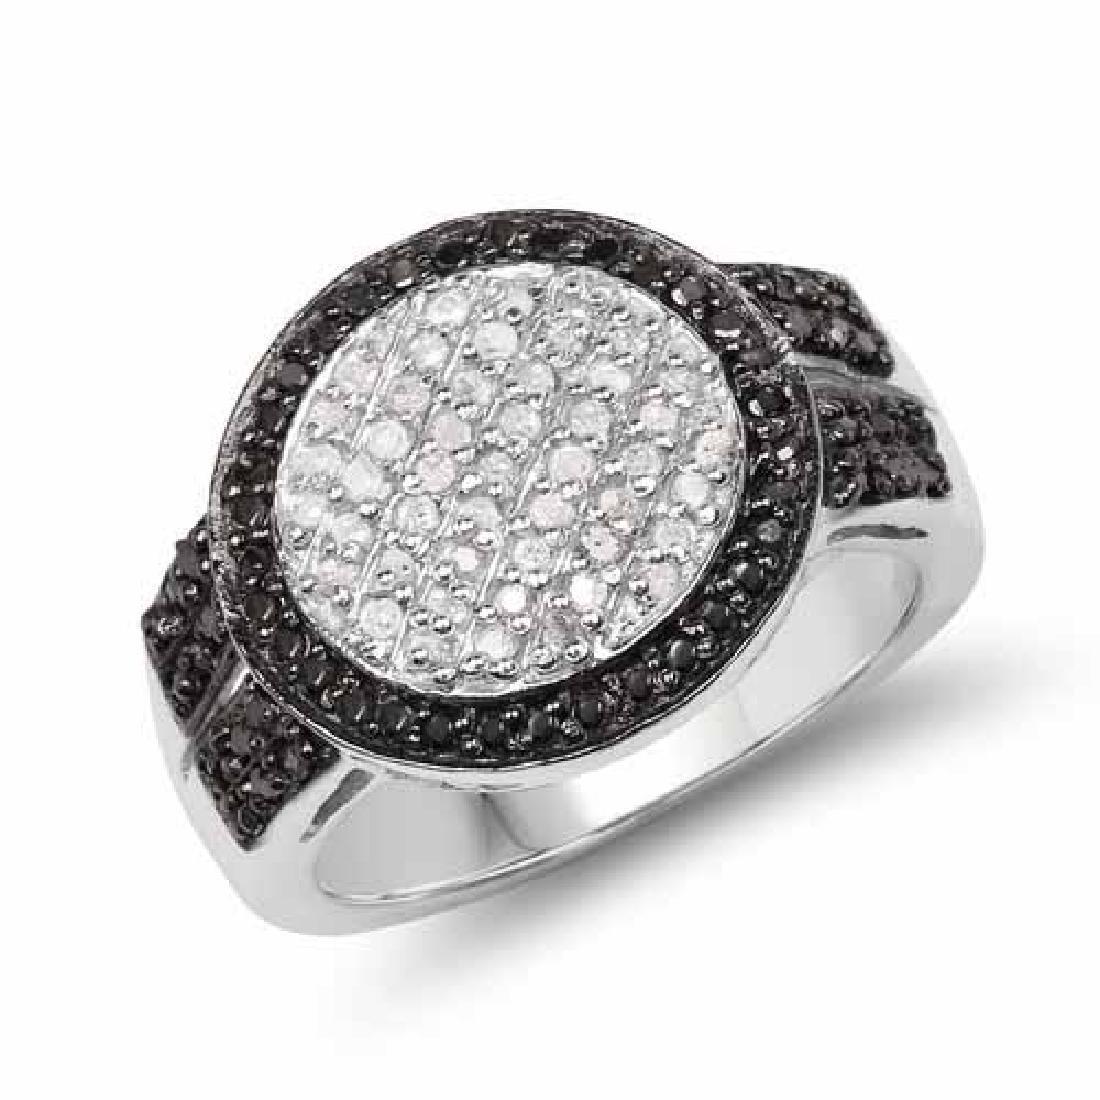 0.44 Carat Genuine Black Diamond and White Diamond .925